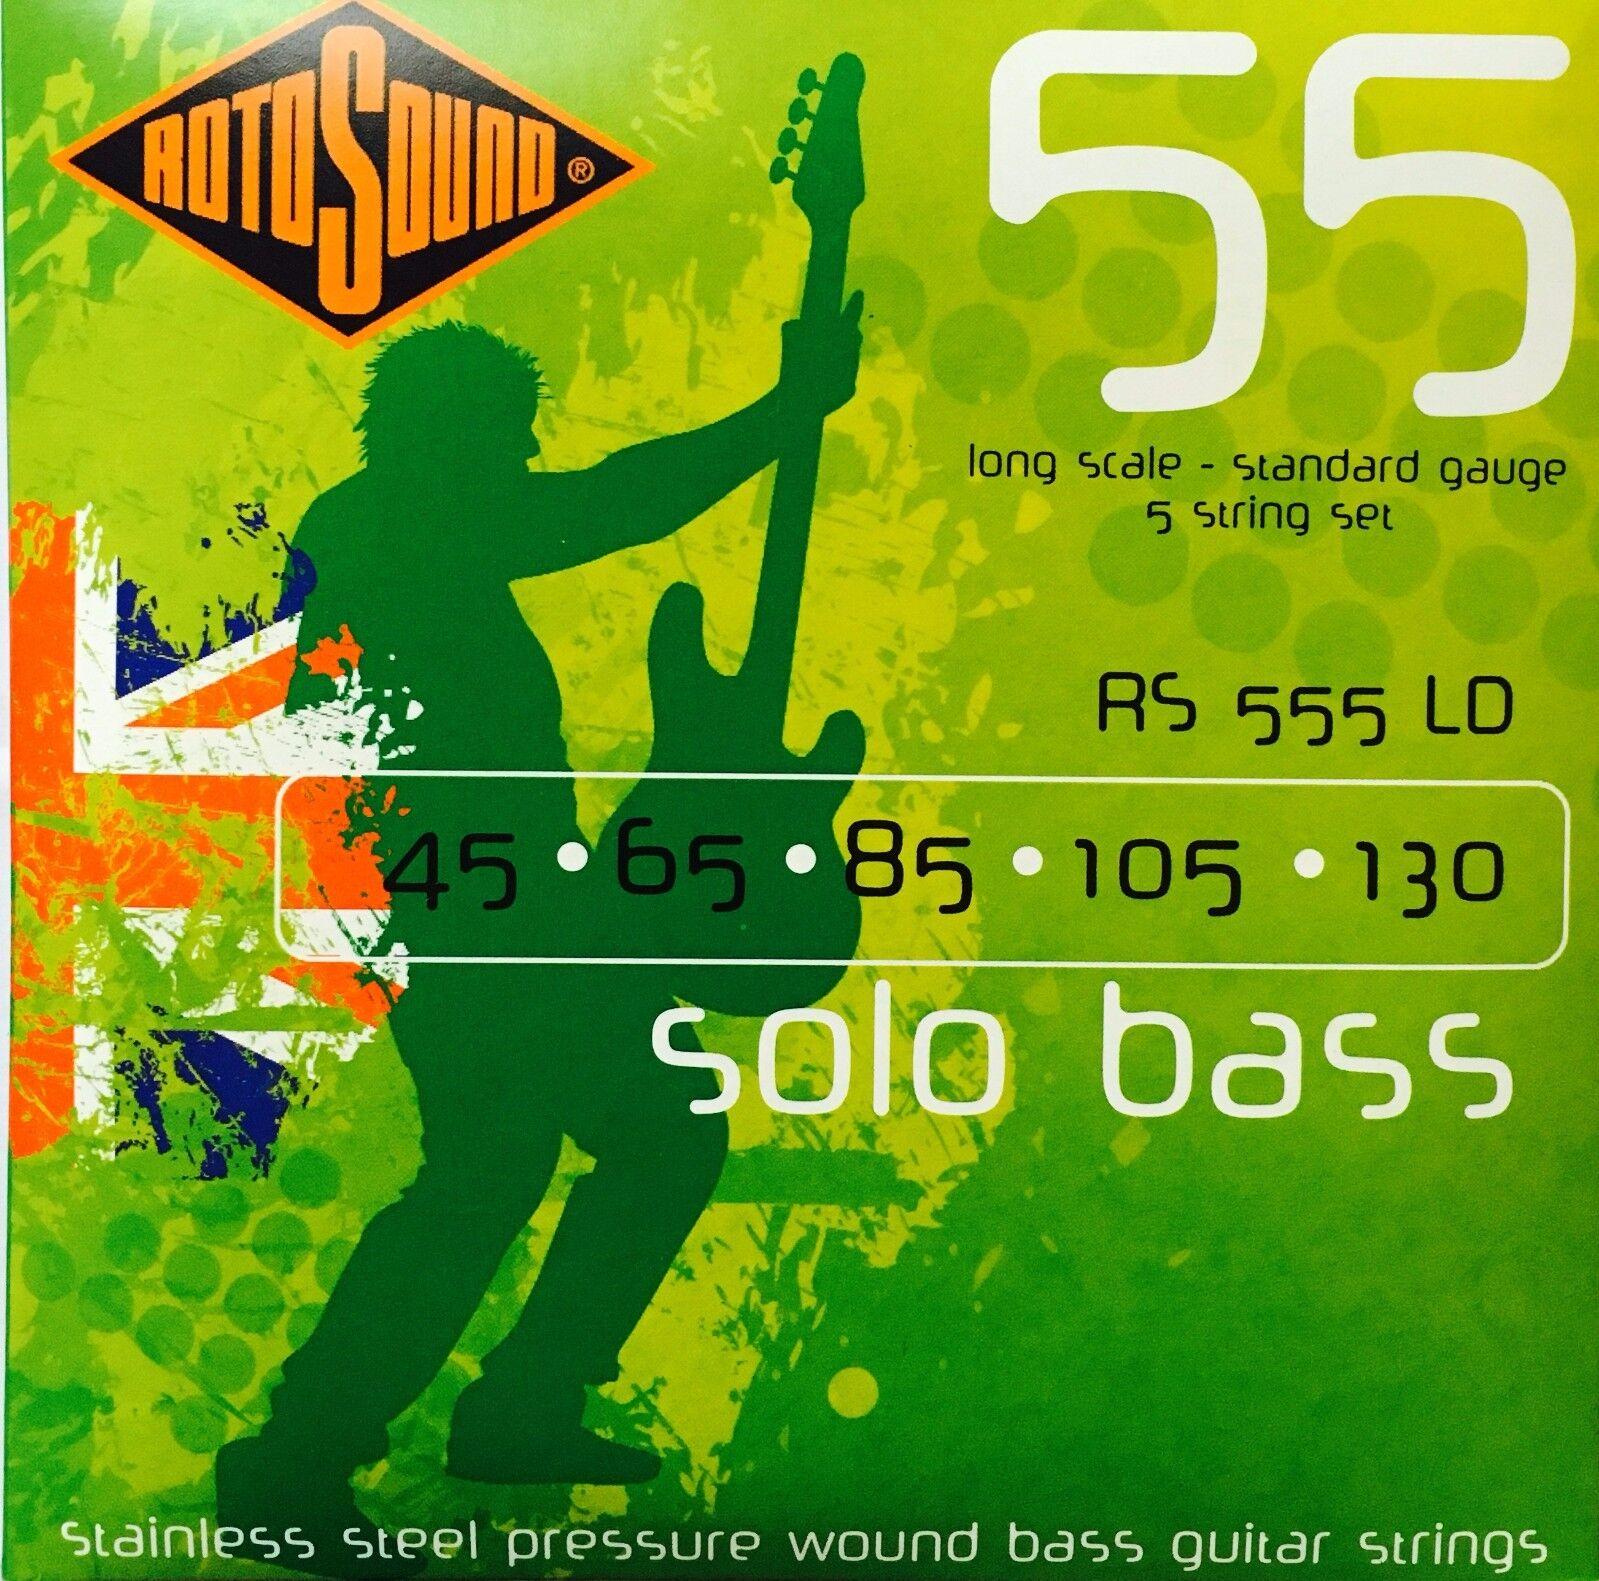 rojoosound RS555LD Solo bajo guitarra, cuerdas de (45-130) 5 Conjunto Conjunto Conjunto de Cuerdas  están haciendo actividades de descuento